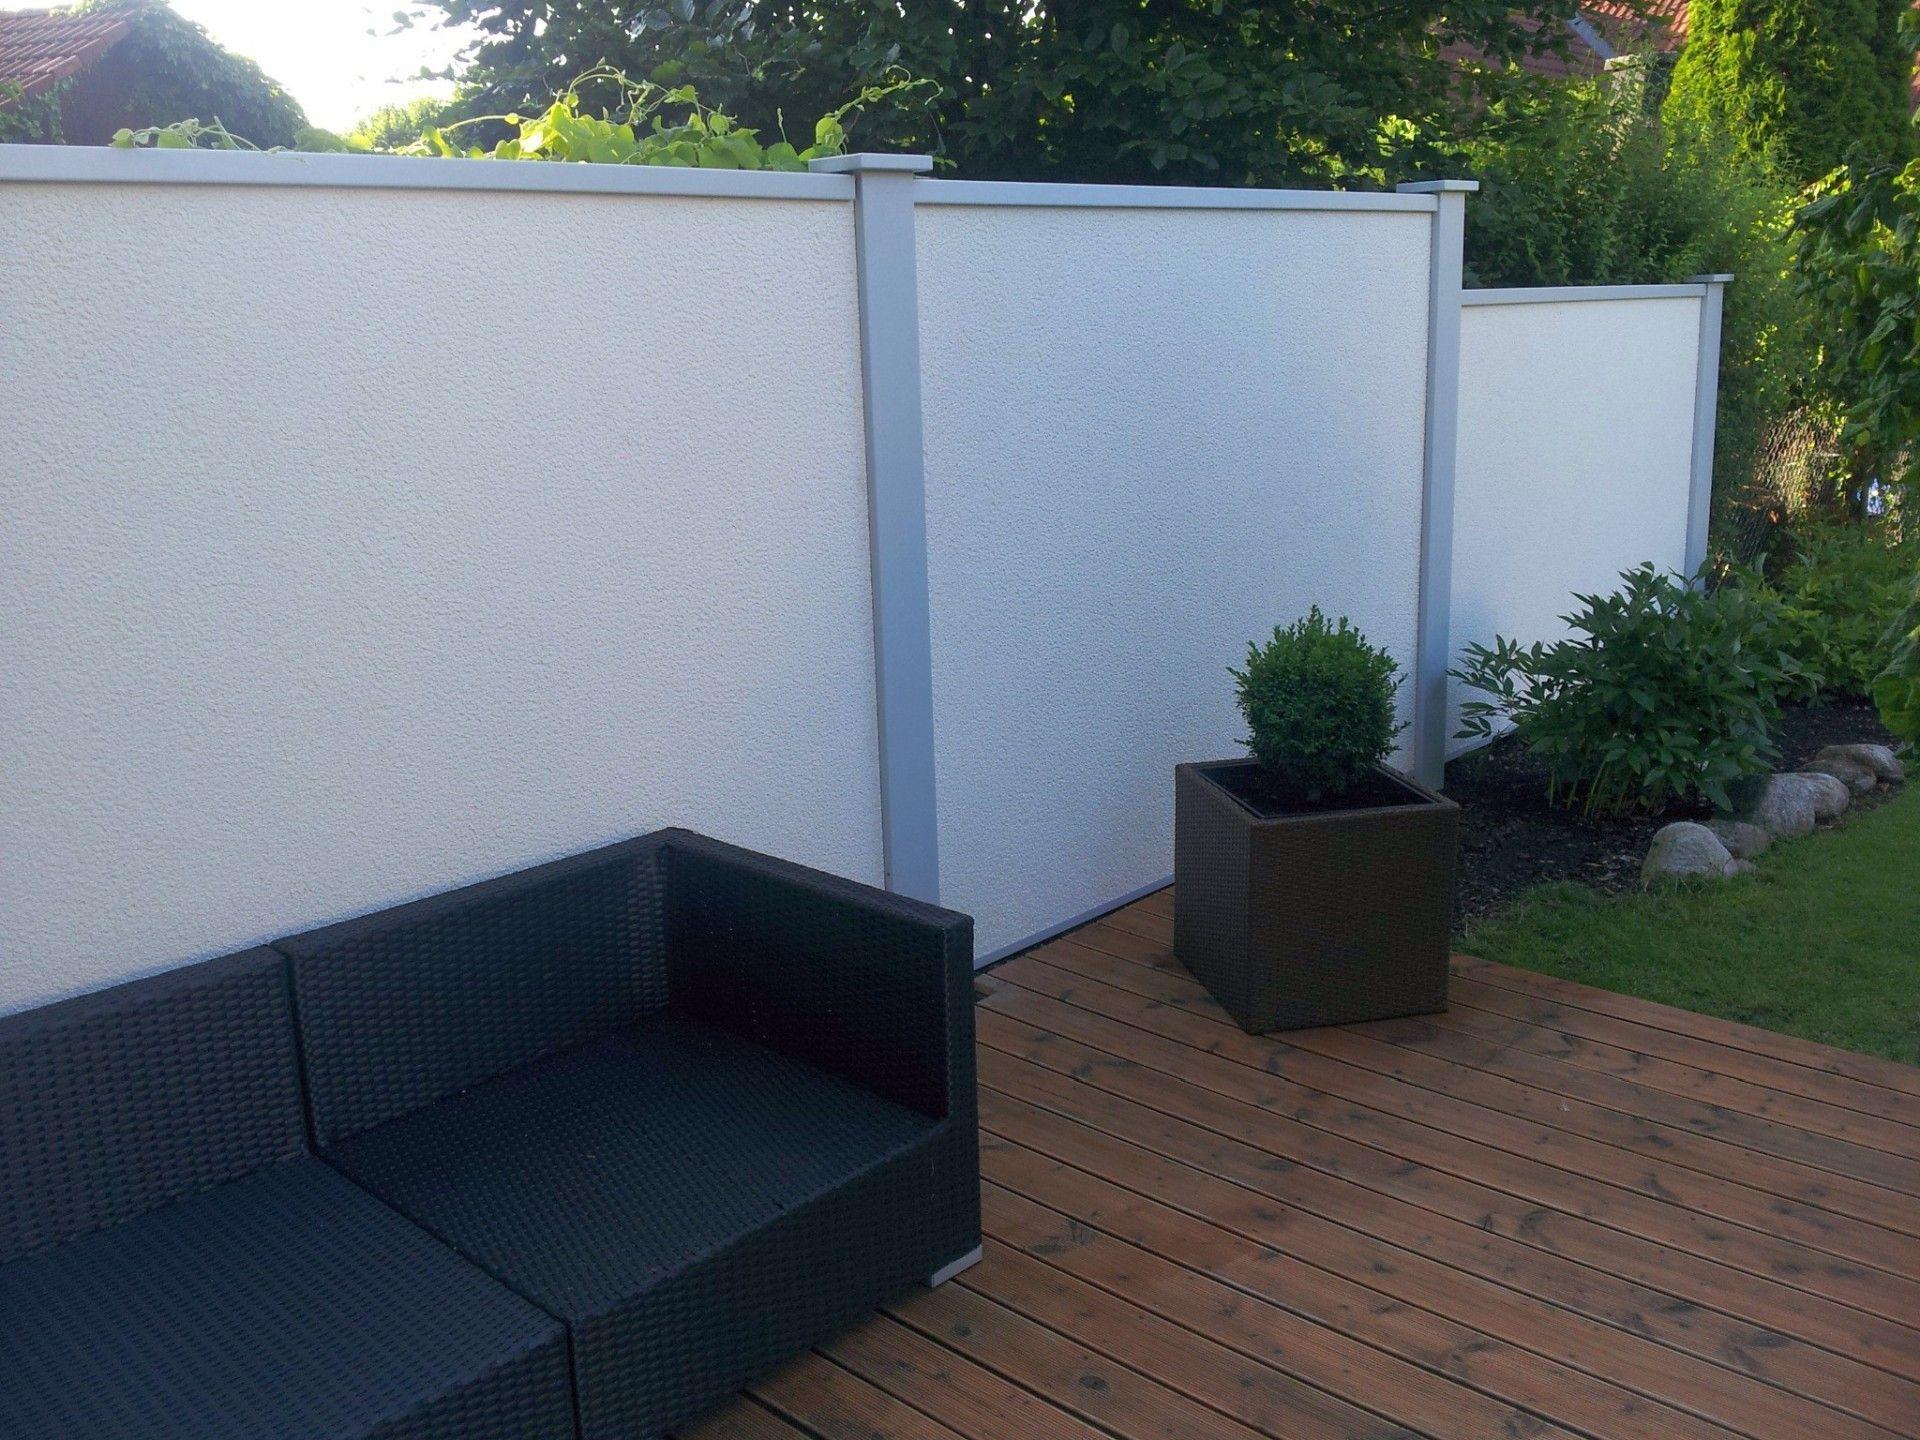 modulare wandsysteme gartenmauer systeme | gartenideen und häuser, Garten seite